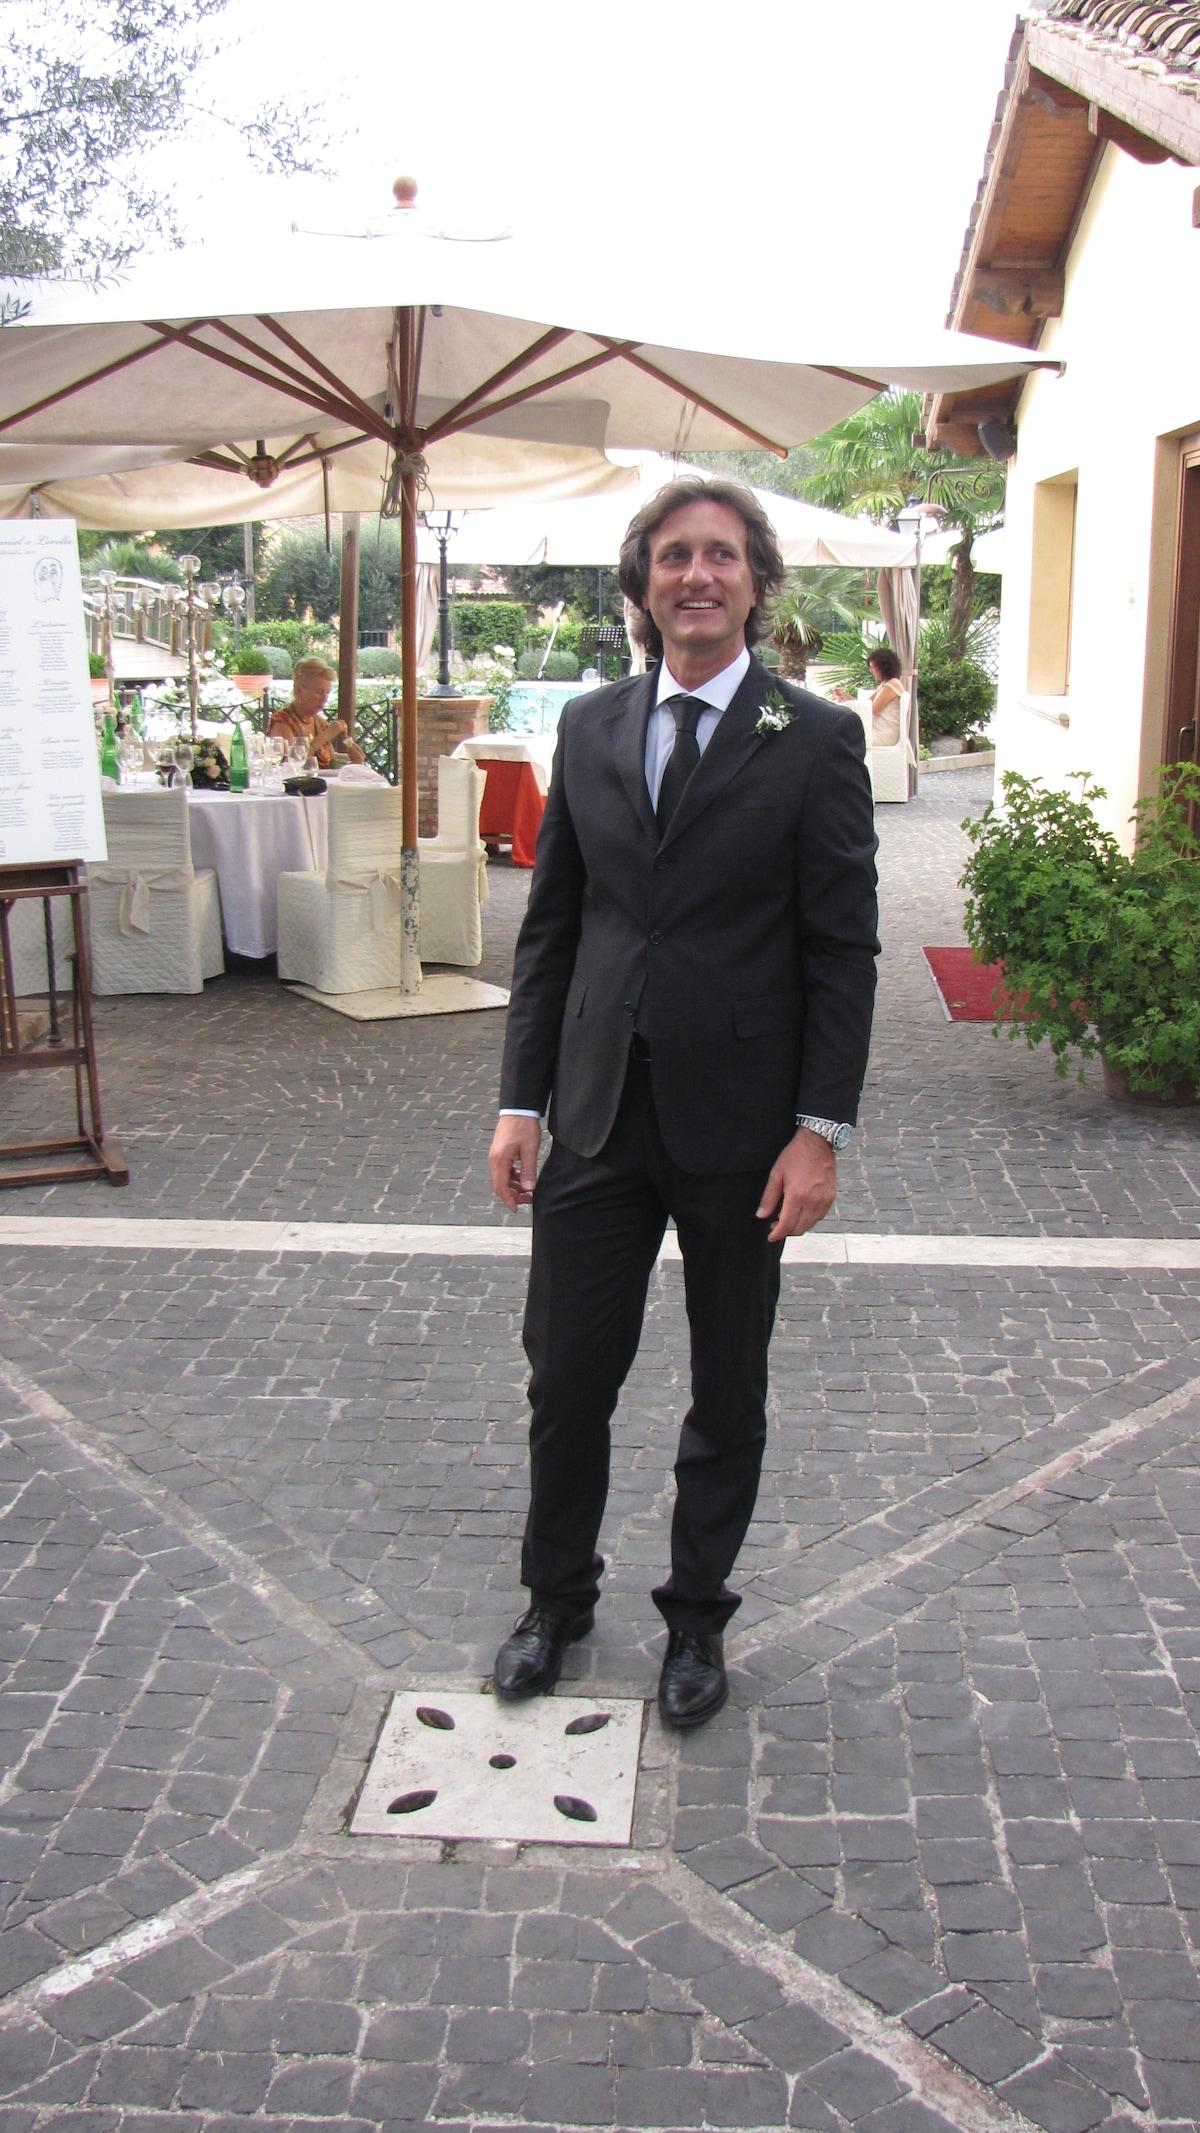 Bruno From Vitorchiano, Italy